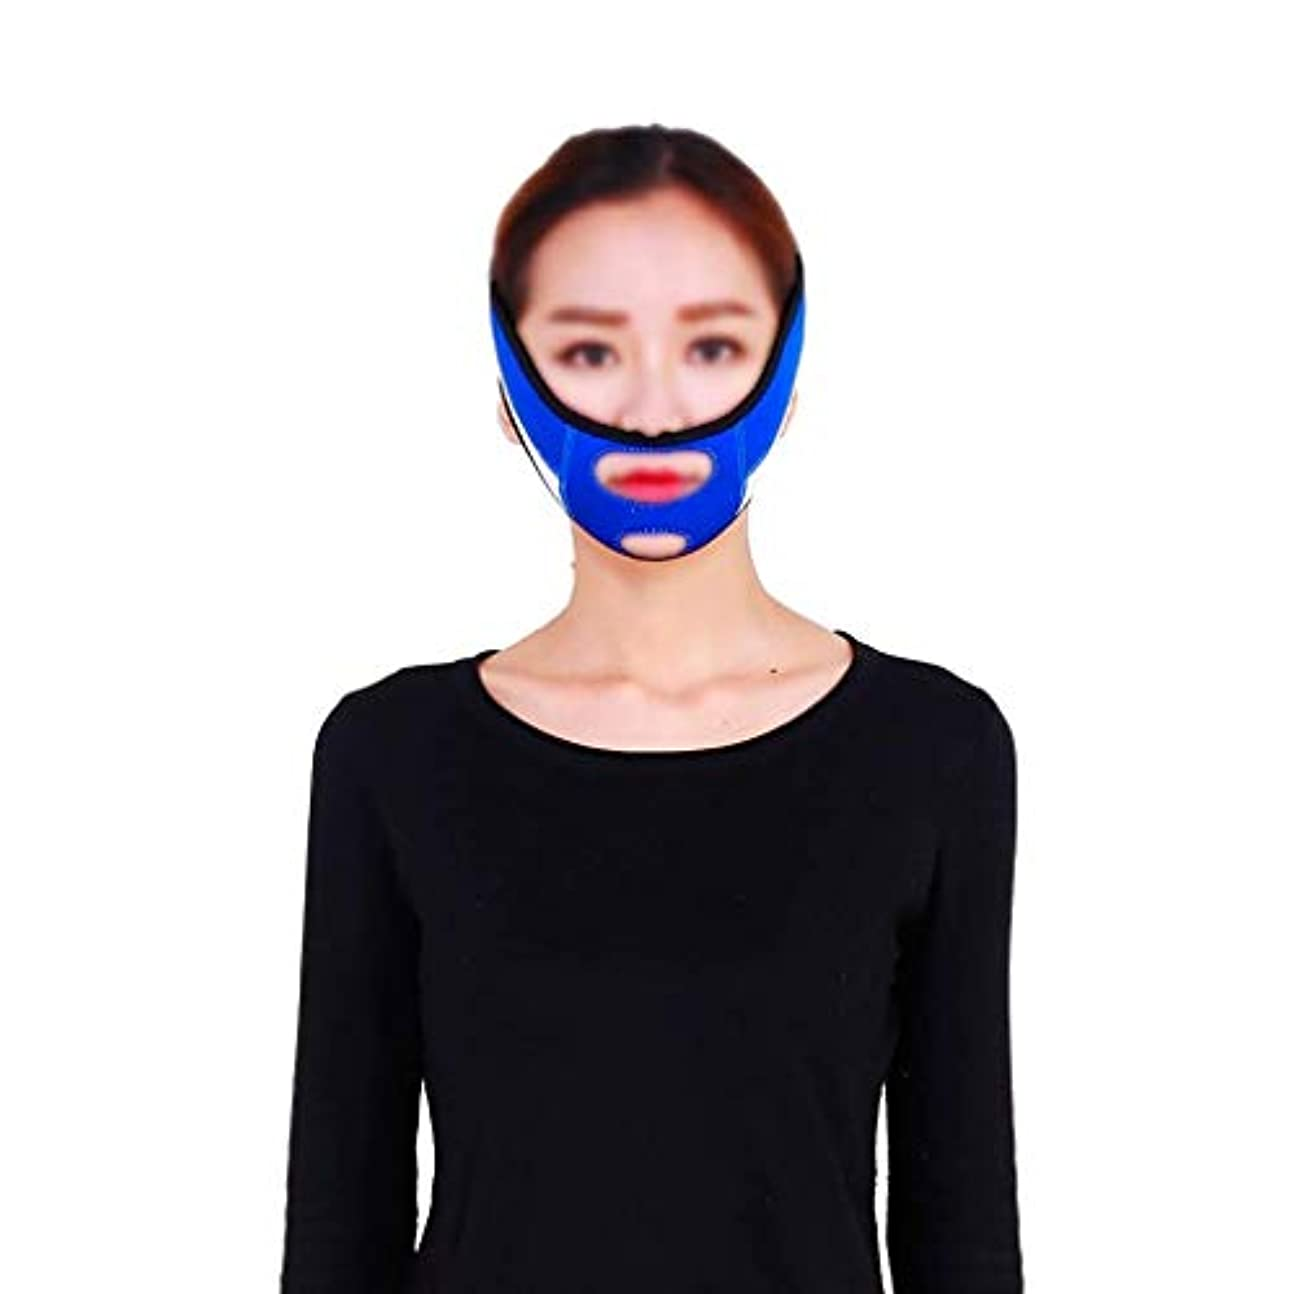 教育者リース引退するファーミングフェイスマスク、スモールVフェイスアーティファクトリフティングマスク、口を調整して垂れ下がった肌を縮小滑り止め弾性ストレッチ包帯